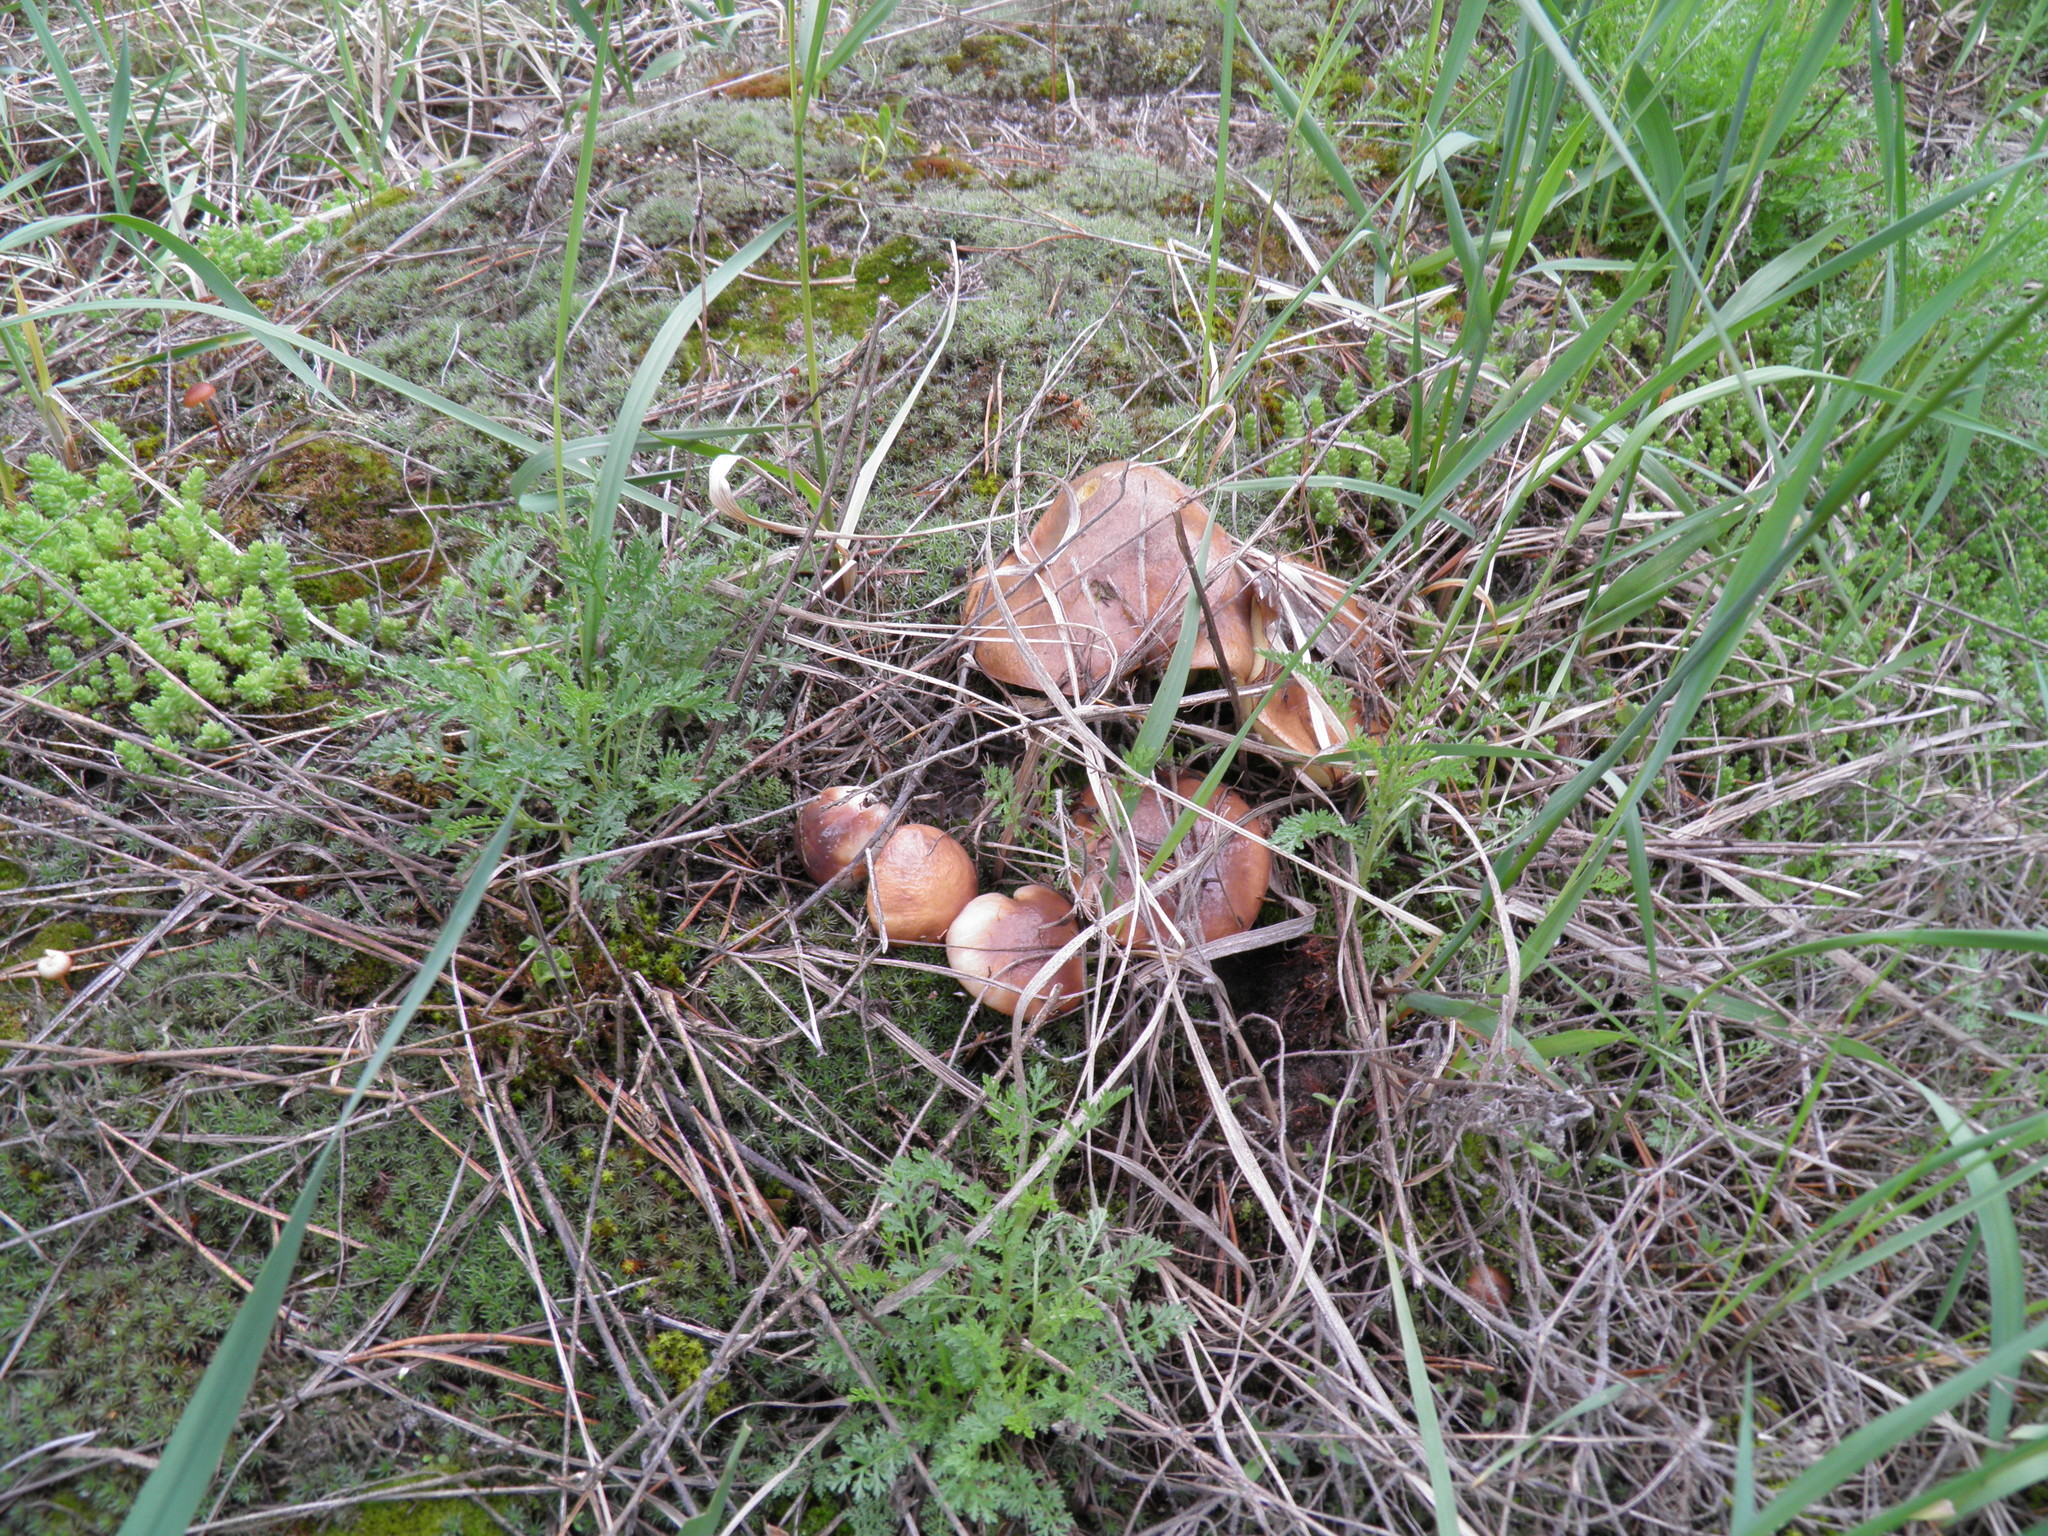 съедобные грибы центрального черноземья с фото поможет